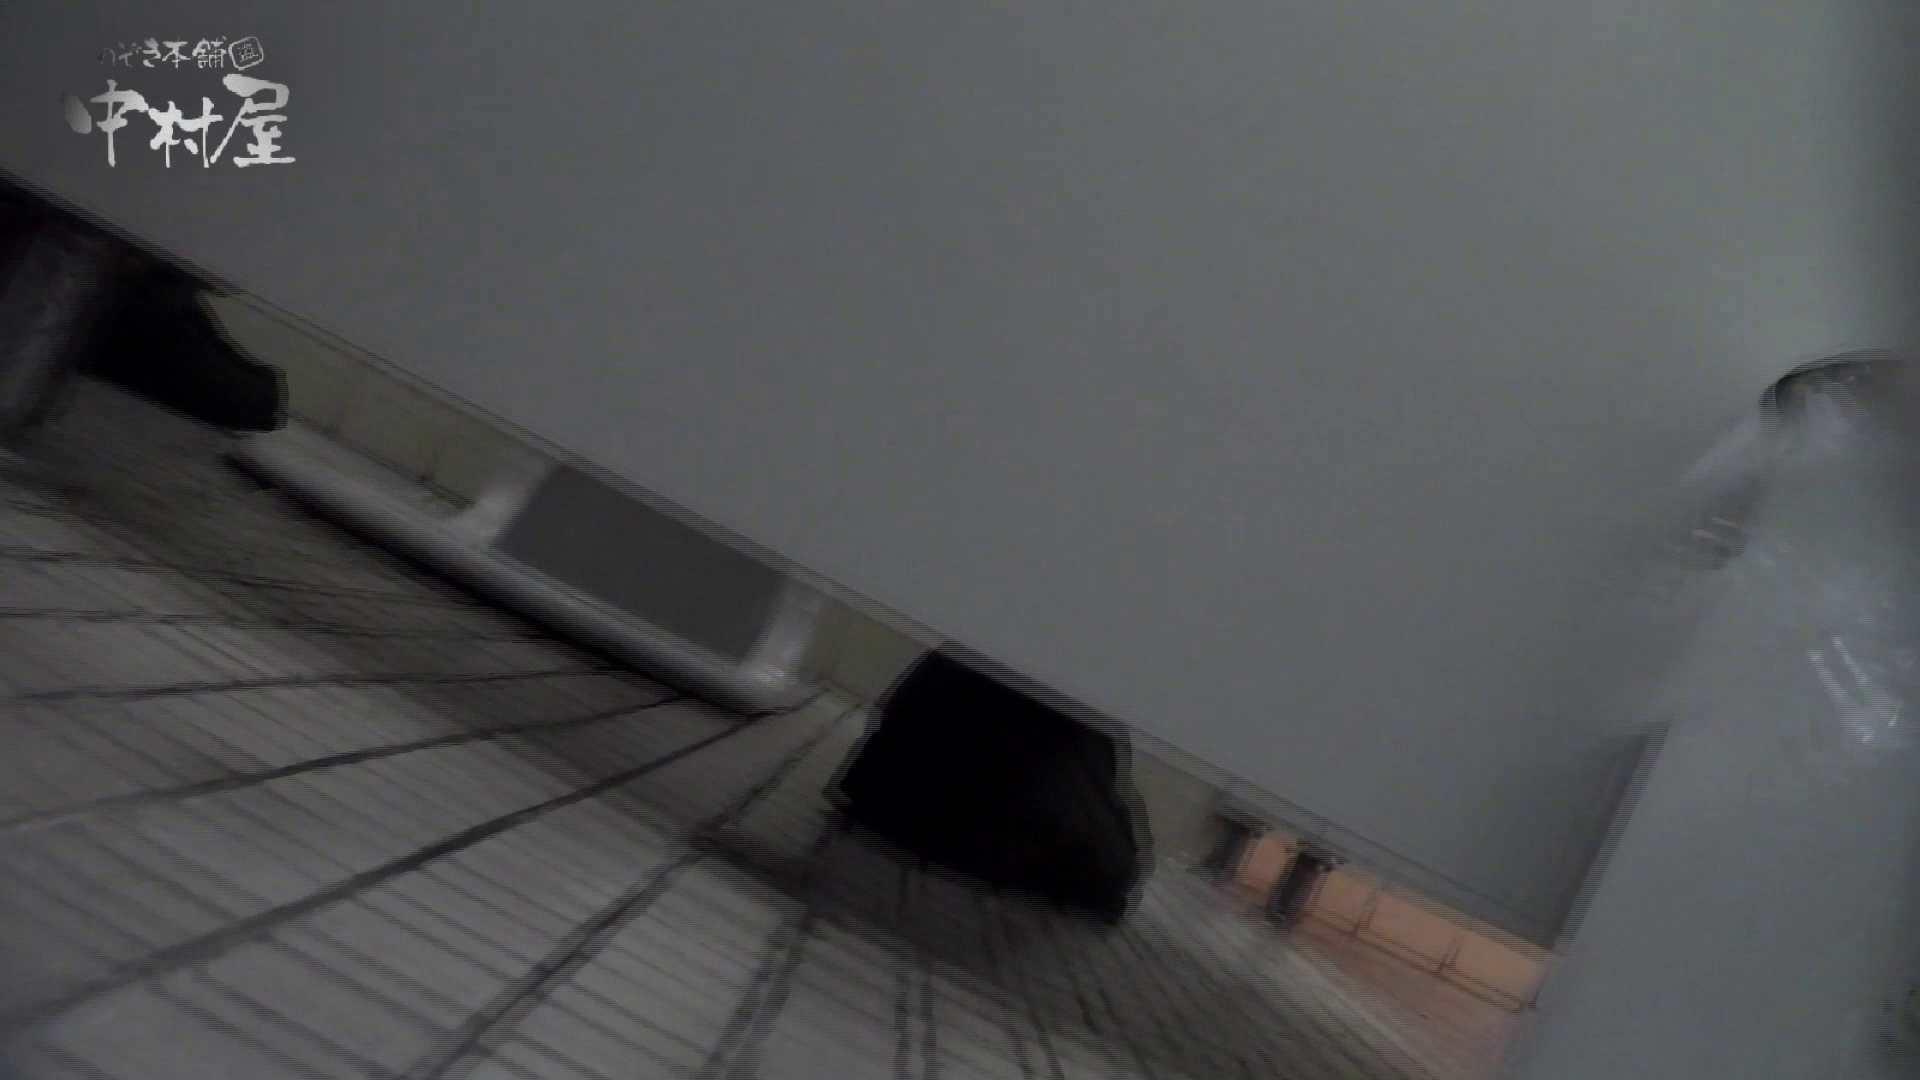 ▲期間限定D▲第三体育館潜入撮File032 進化4!機種変更!!全員現役。後編 女子トイレ 覗きおまんこ画像 89連発 54